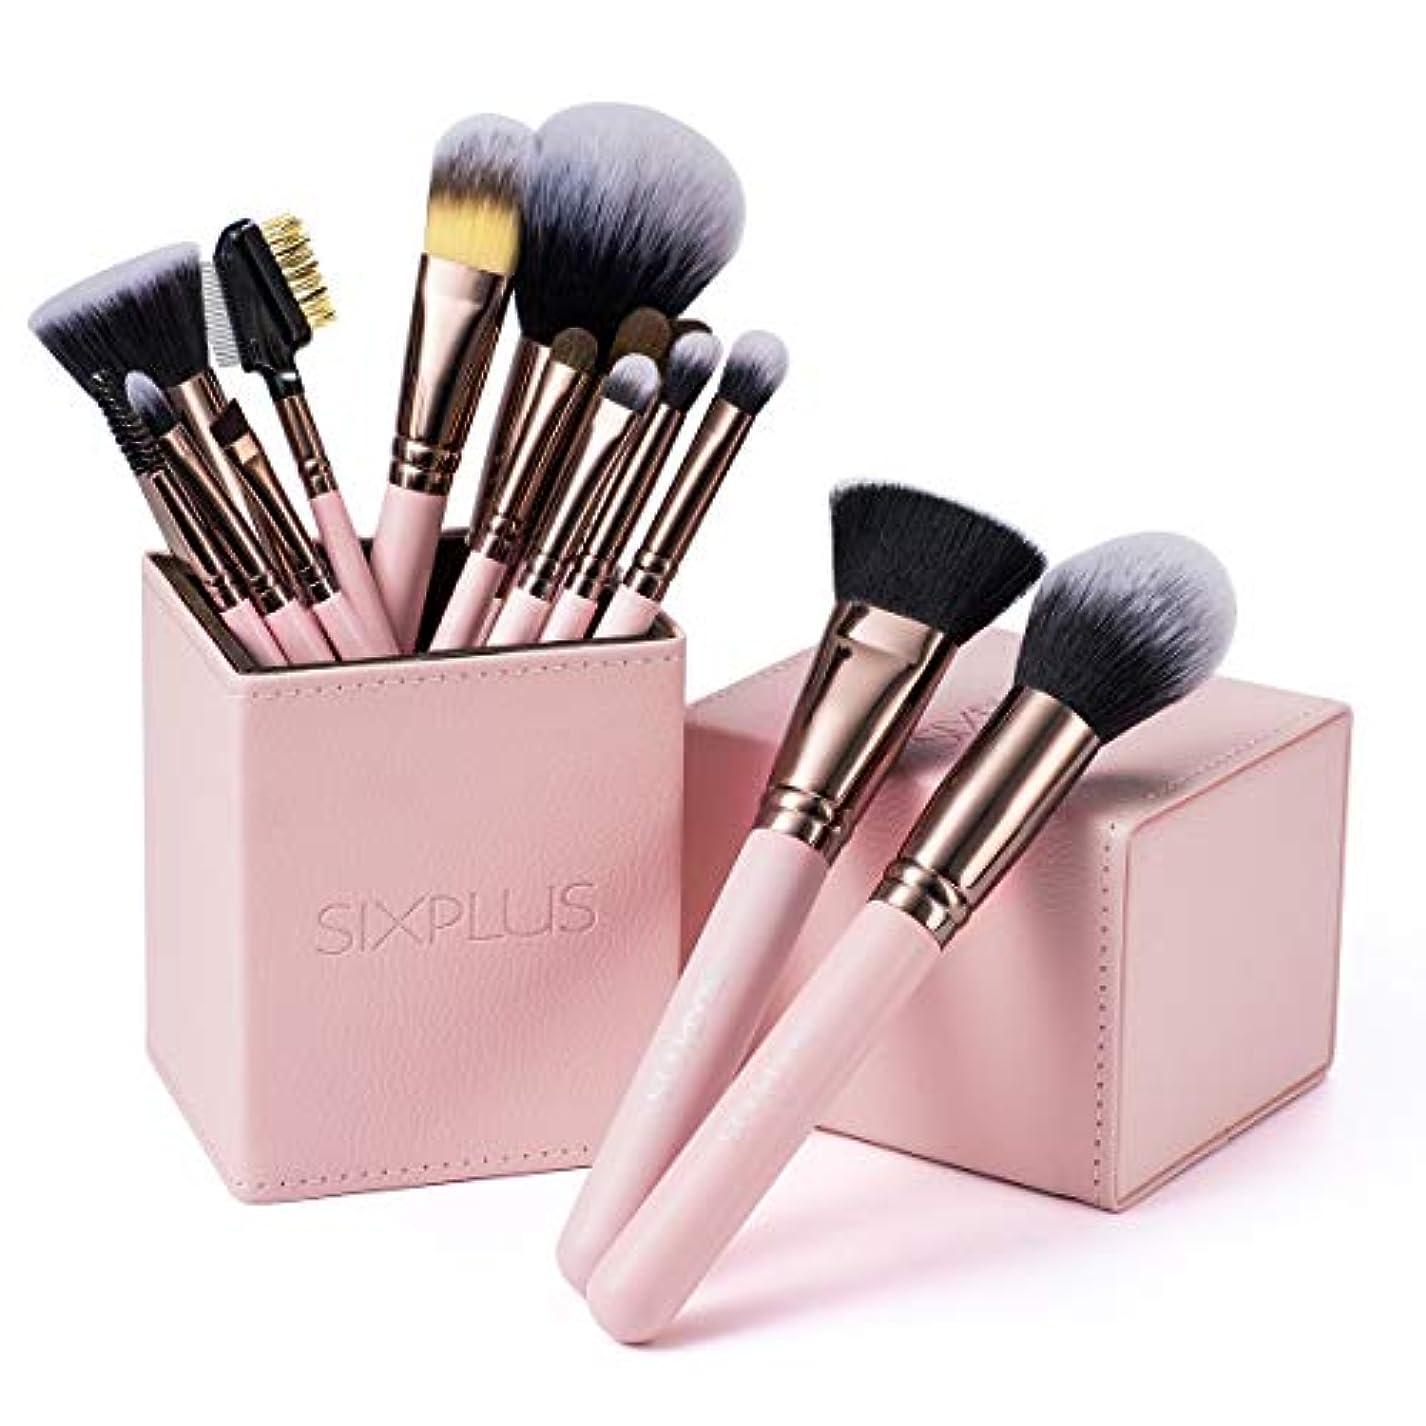 着実にバーター構想するSIXPLUS ロマンチックなピンク色 メイクブラシ 15本セット(ピンク色)